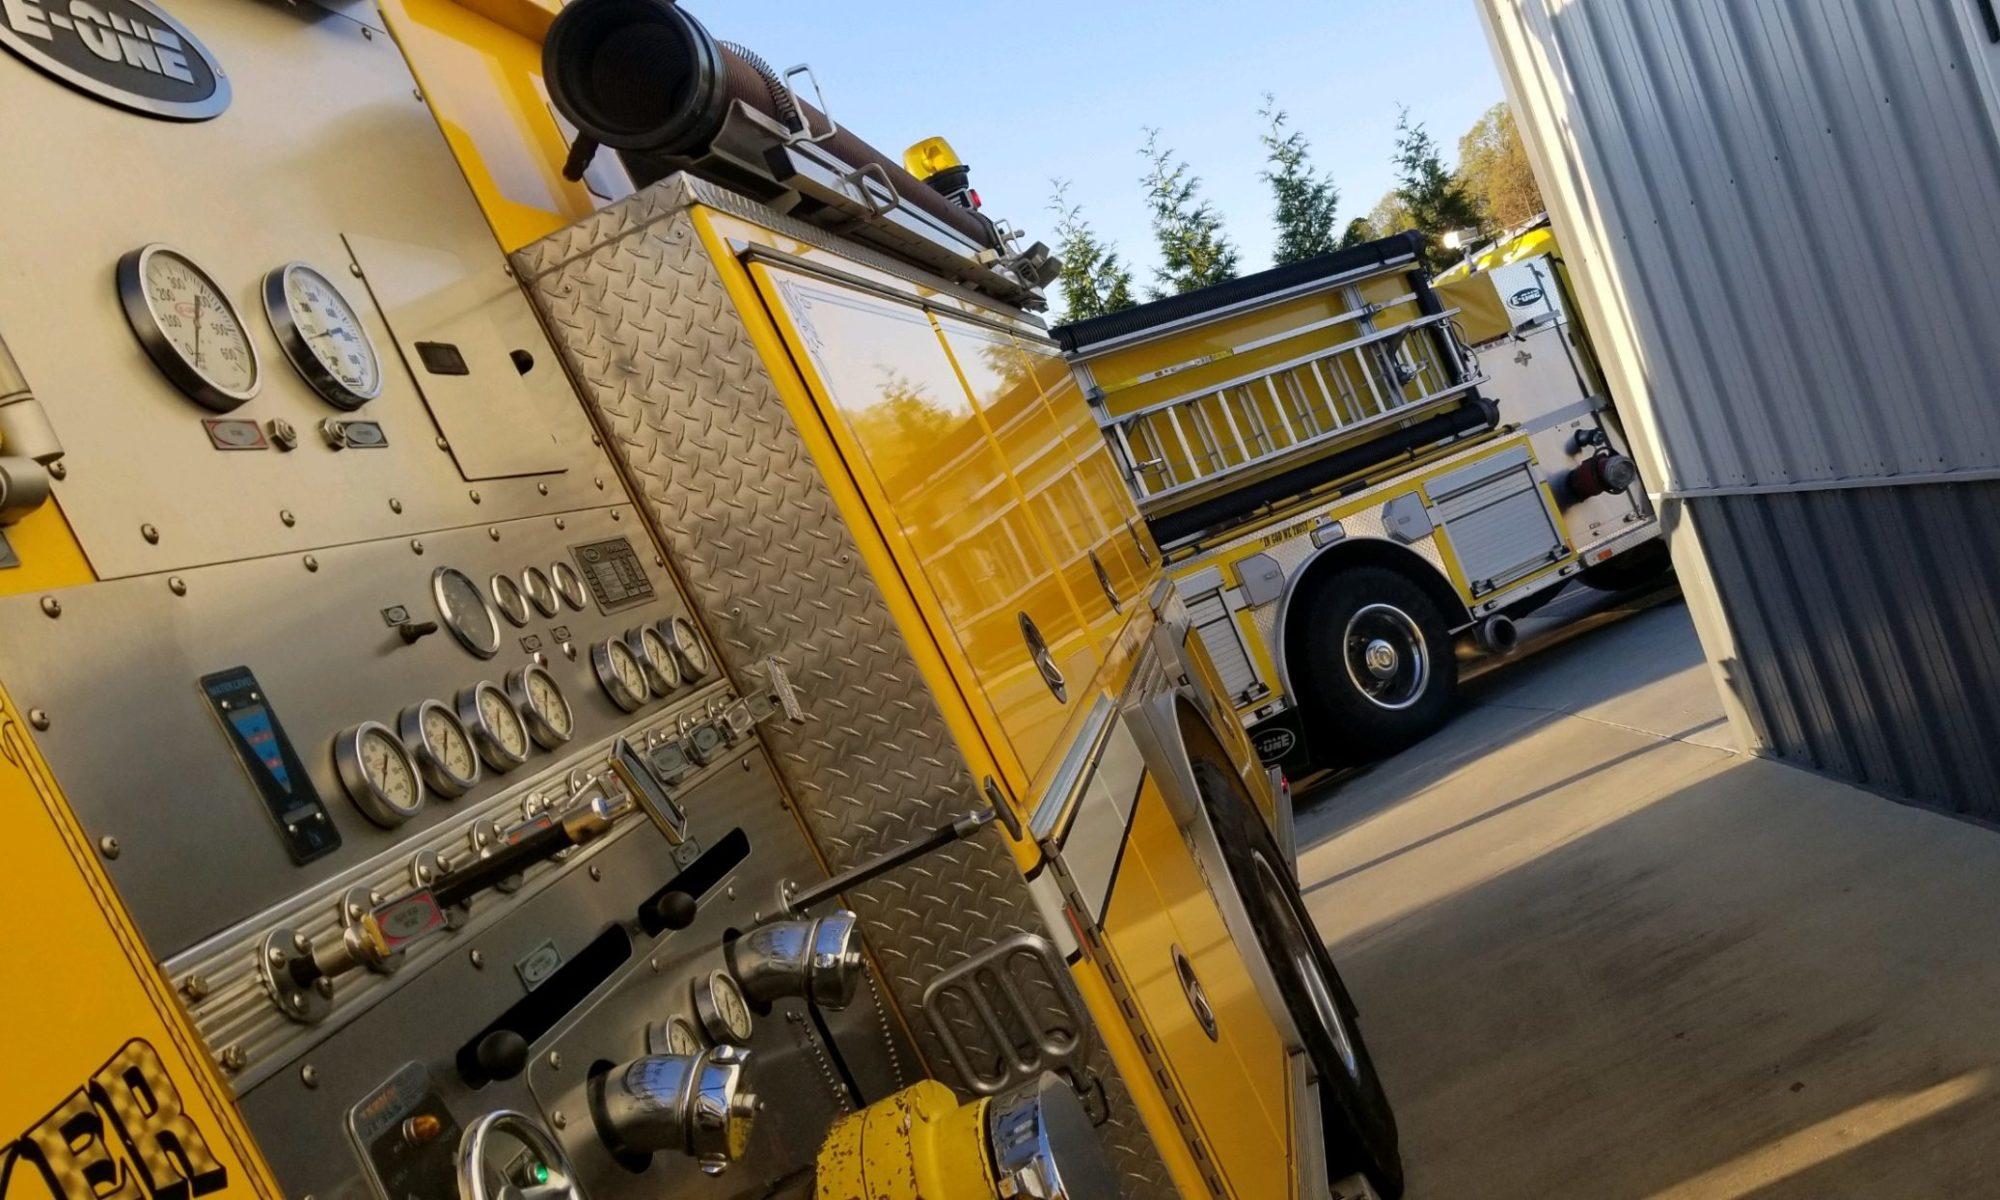 Dana Fire and Rescue